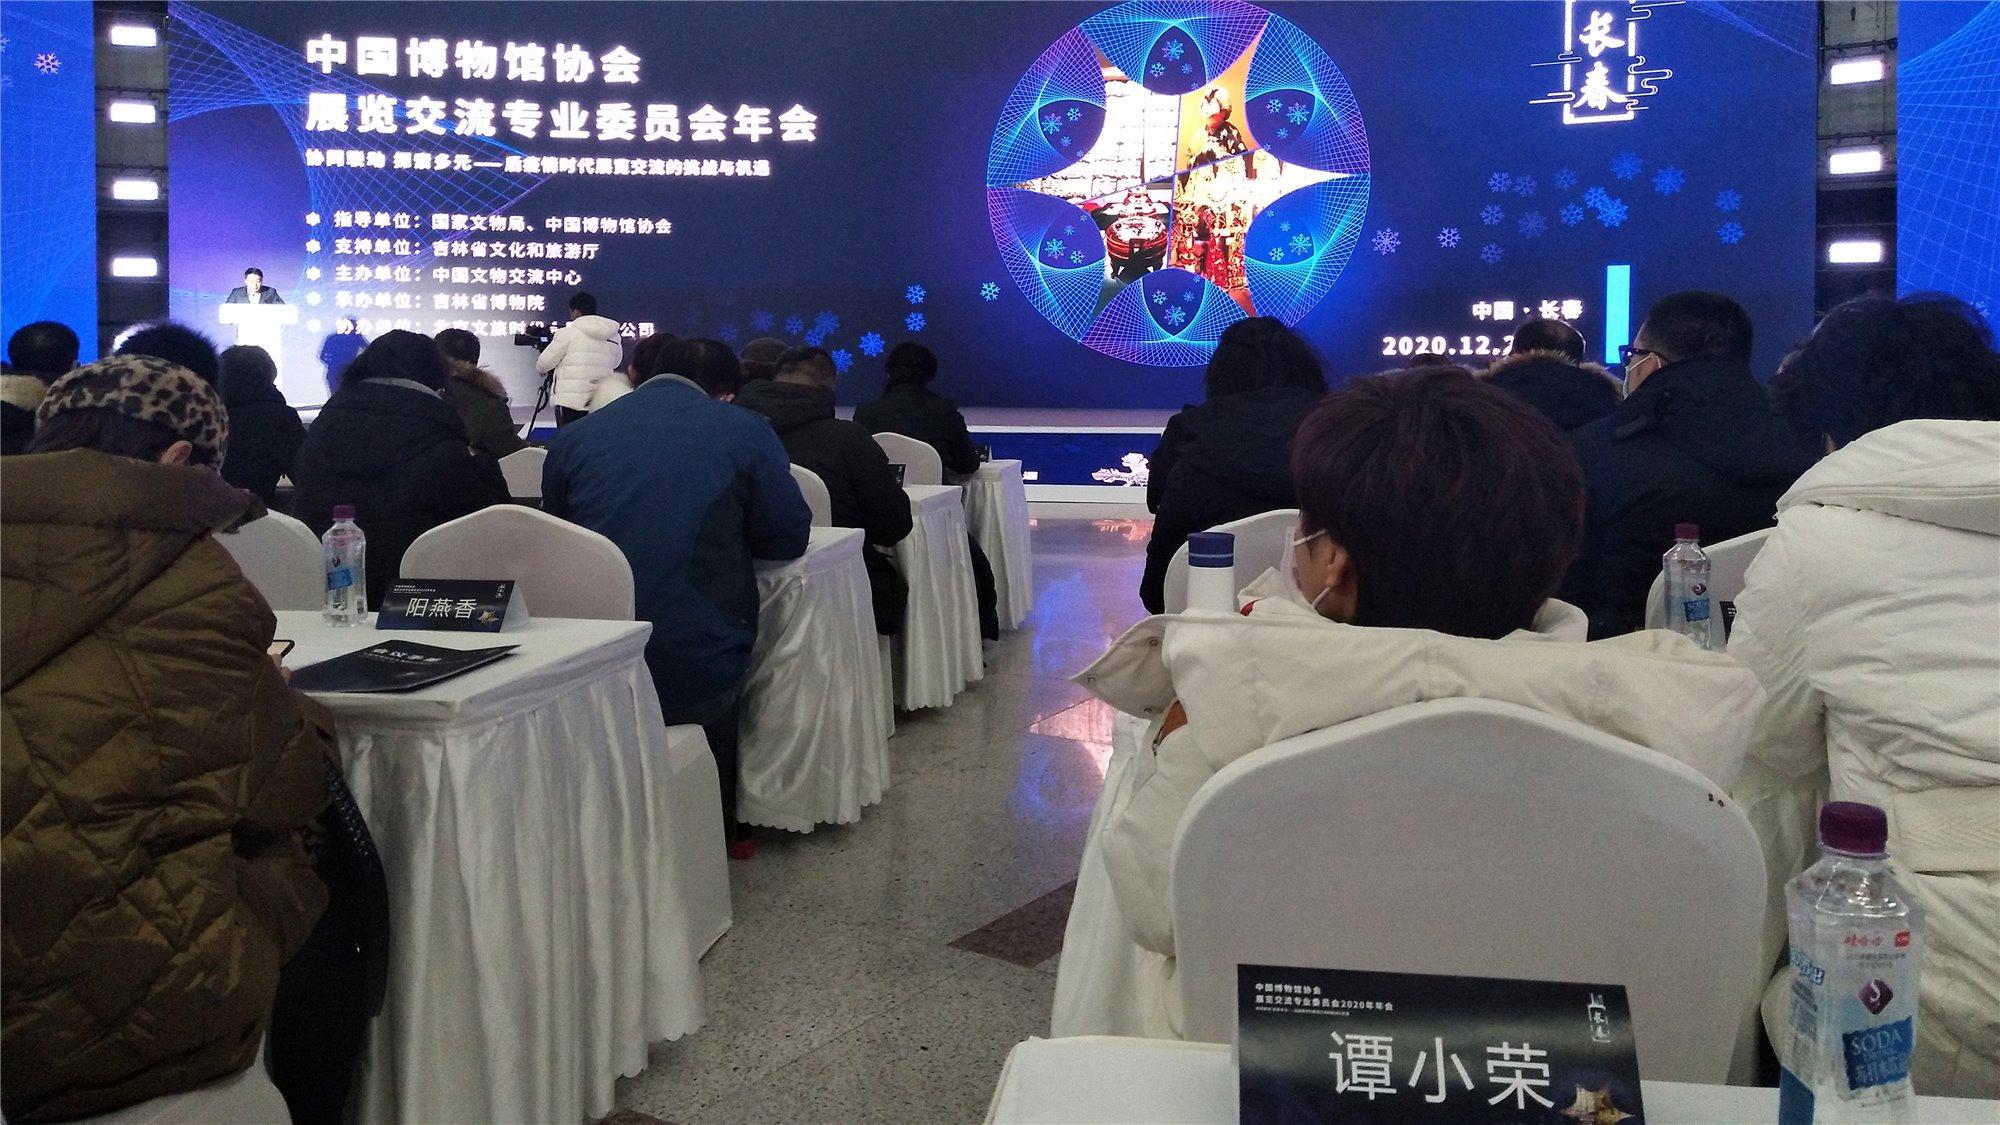 中国博物馆协会展览交流专业委员会年会主会场 .jpg